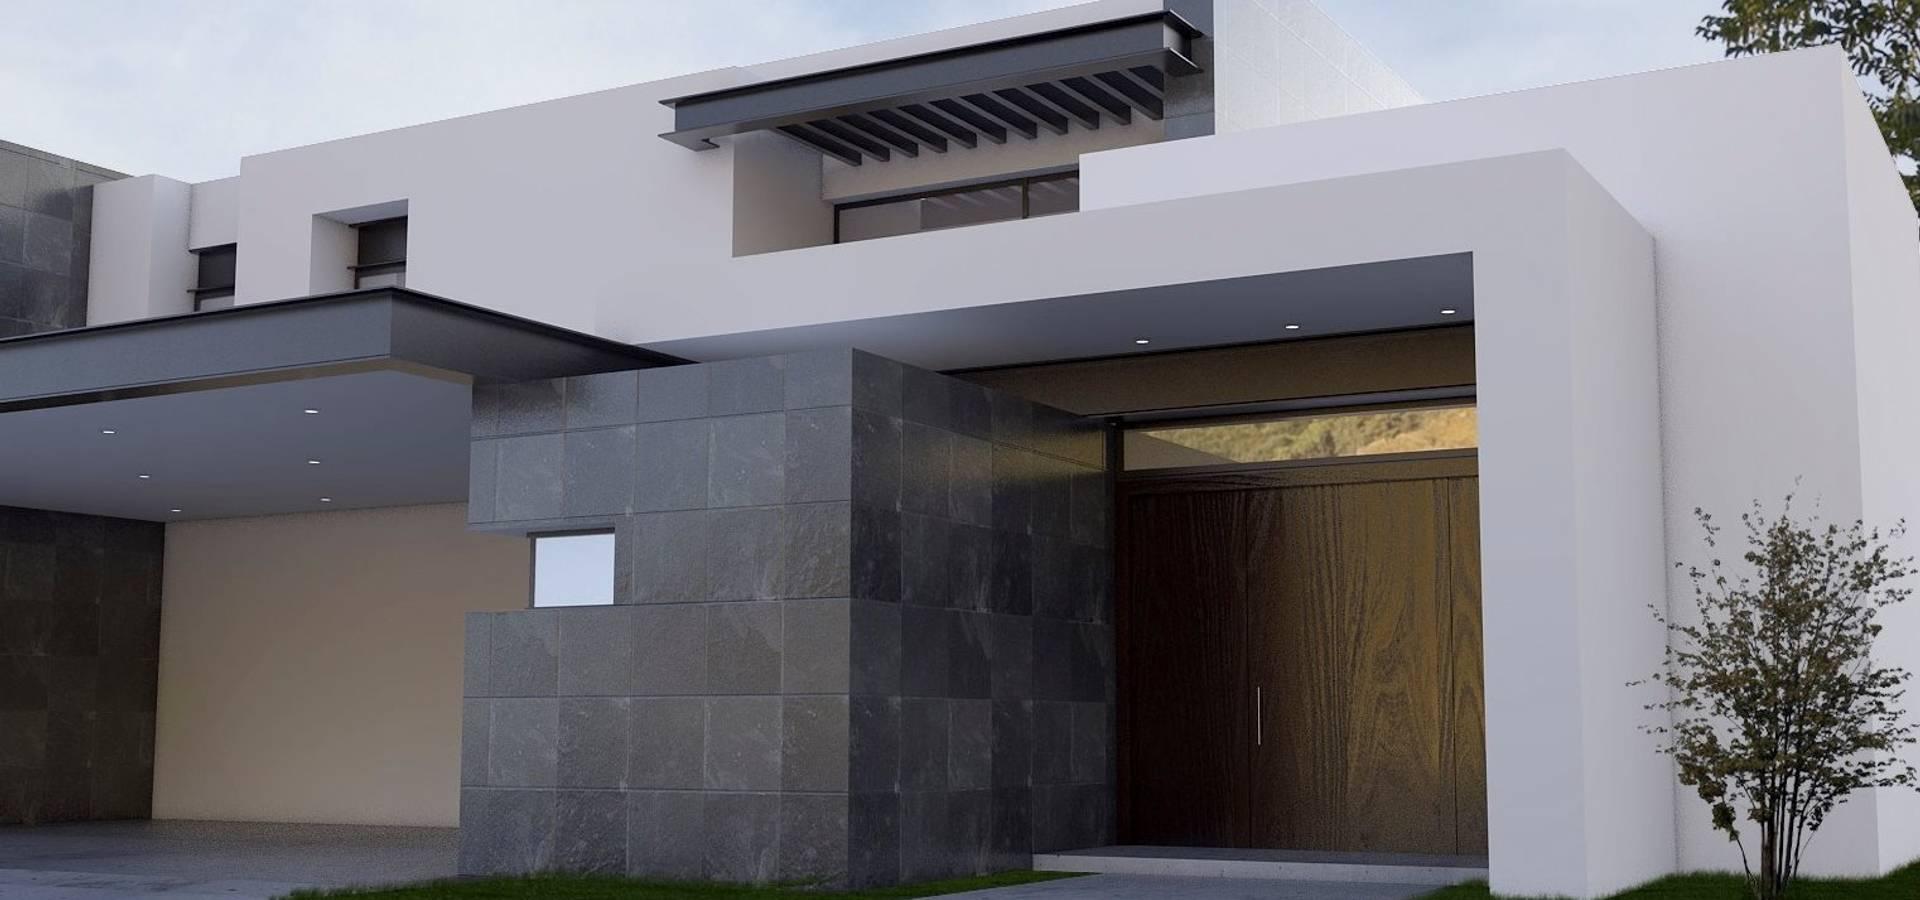 Elias Braun Architecture